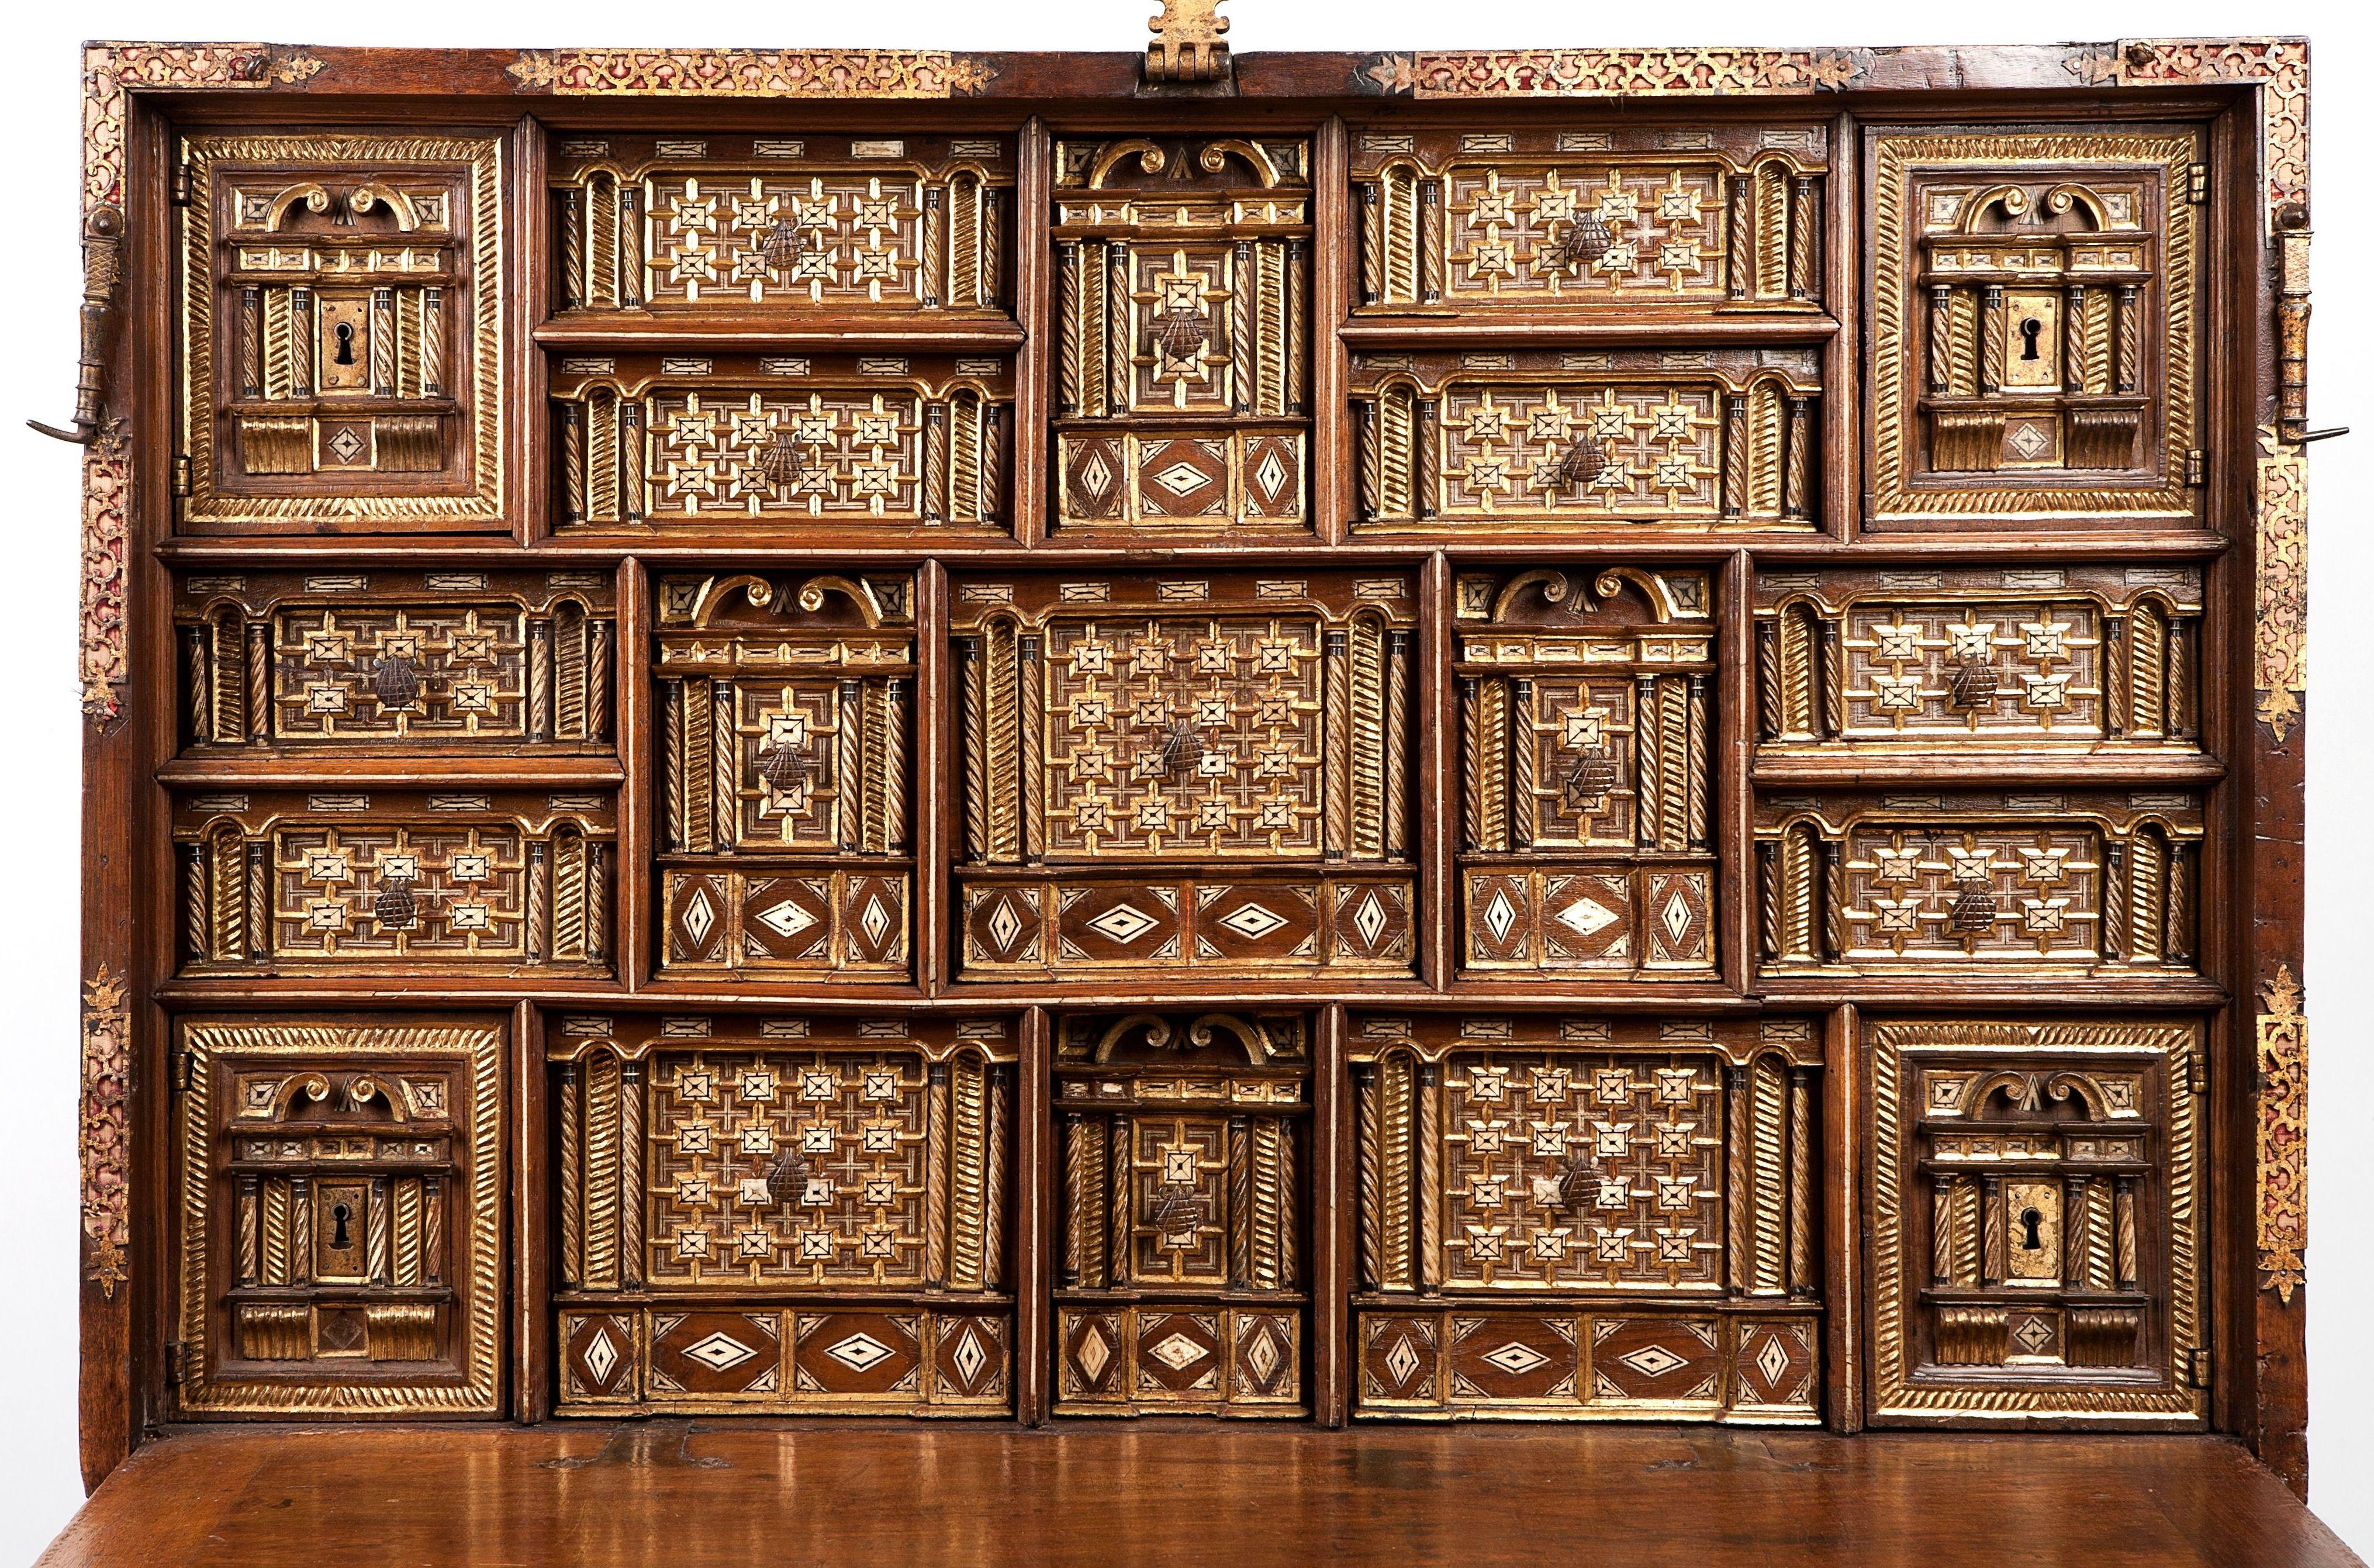 Bargueño castellano de nogal: Catálogo de Goya Subastas